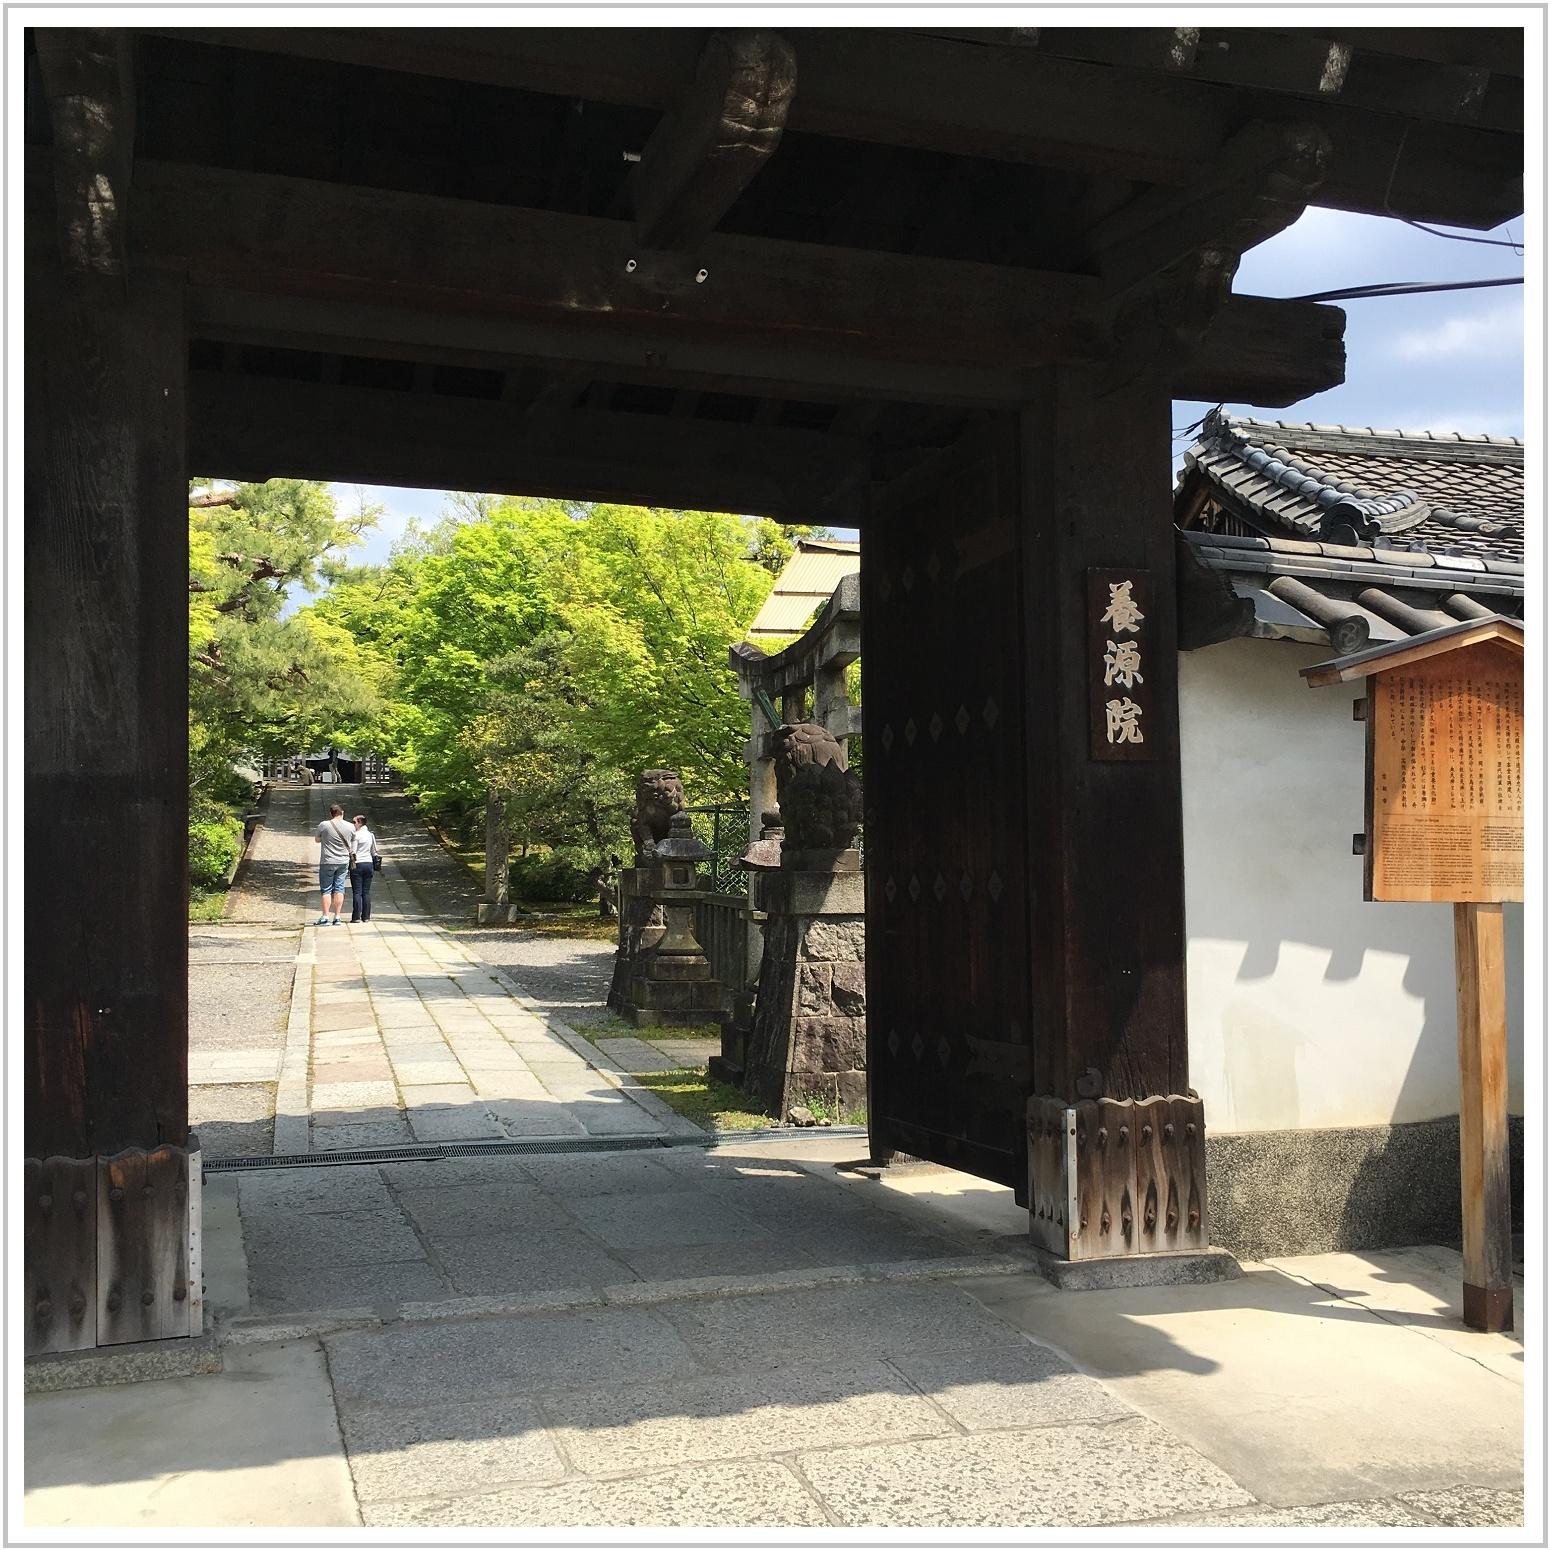 yogenji_2_419.jpg